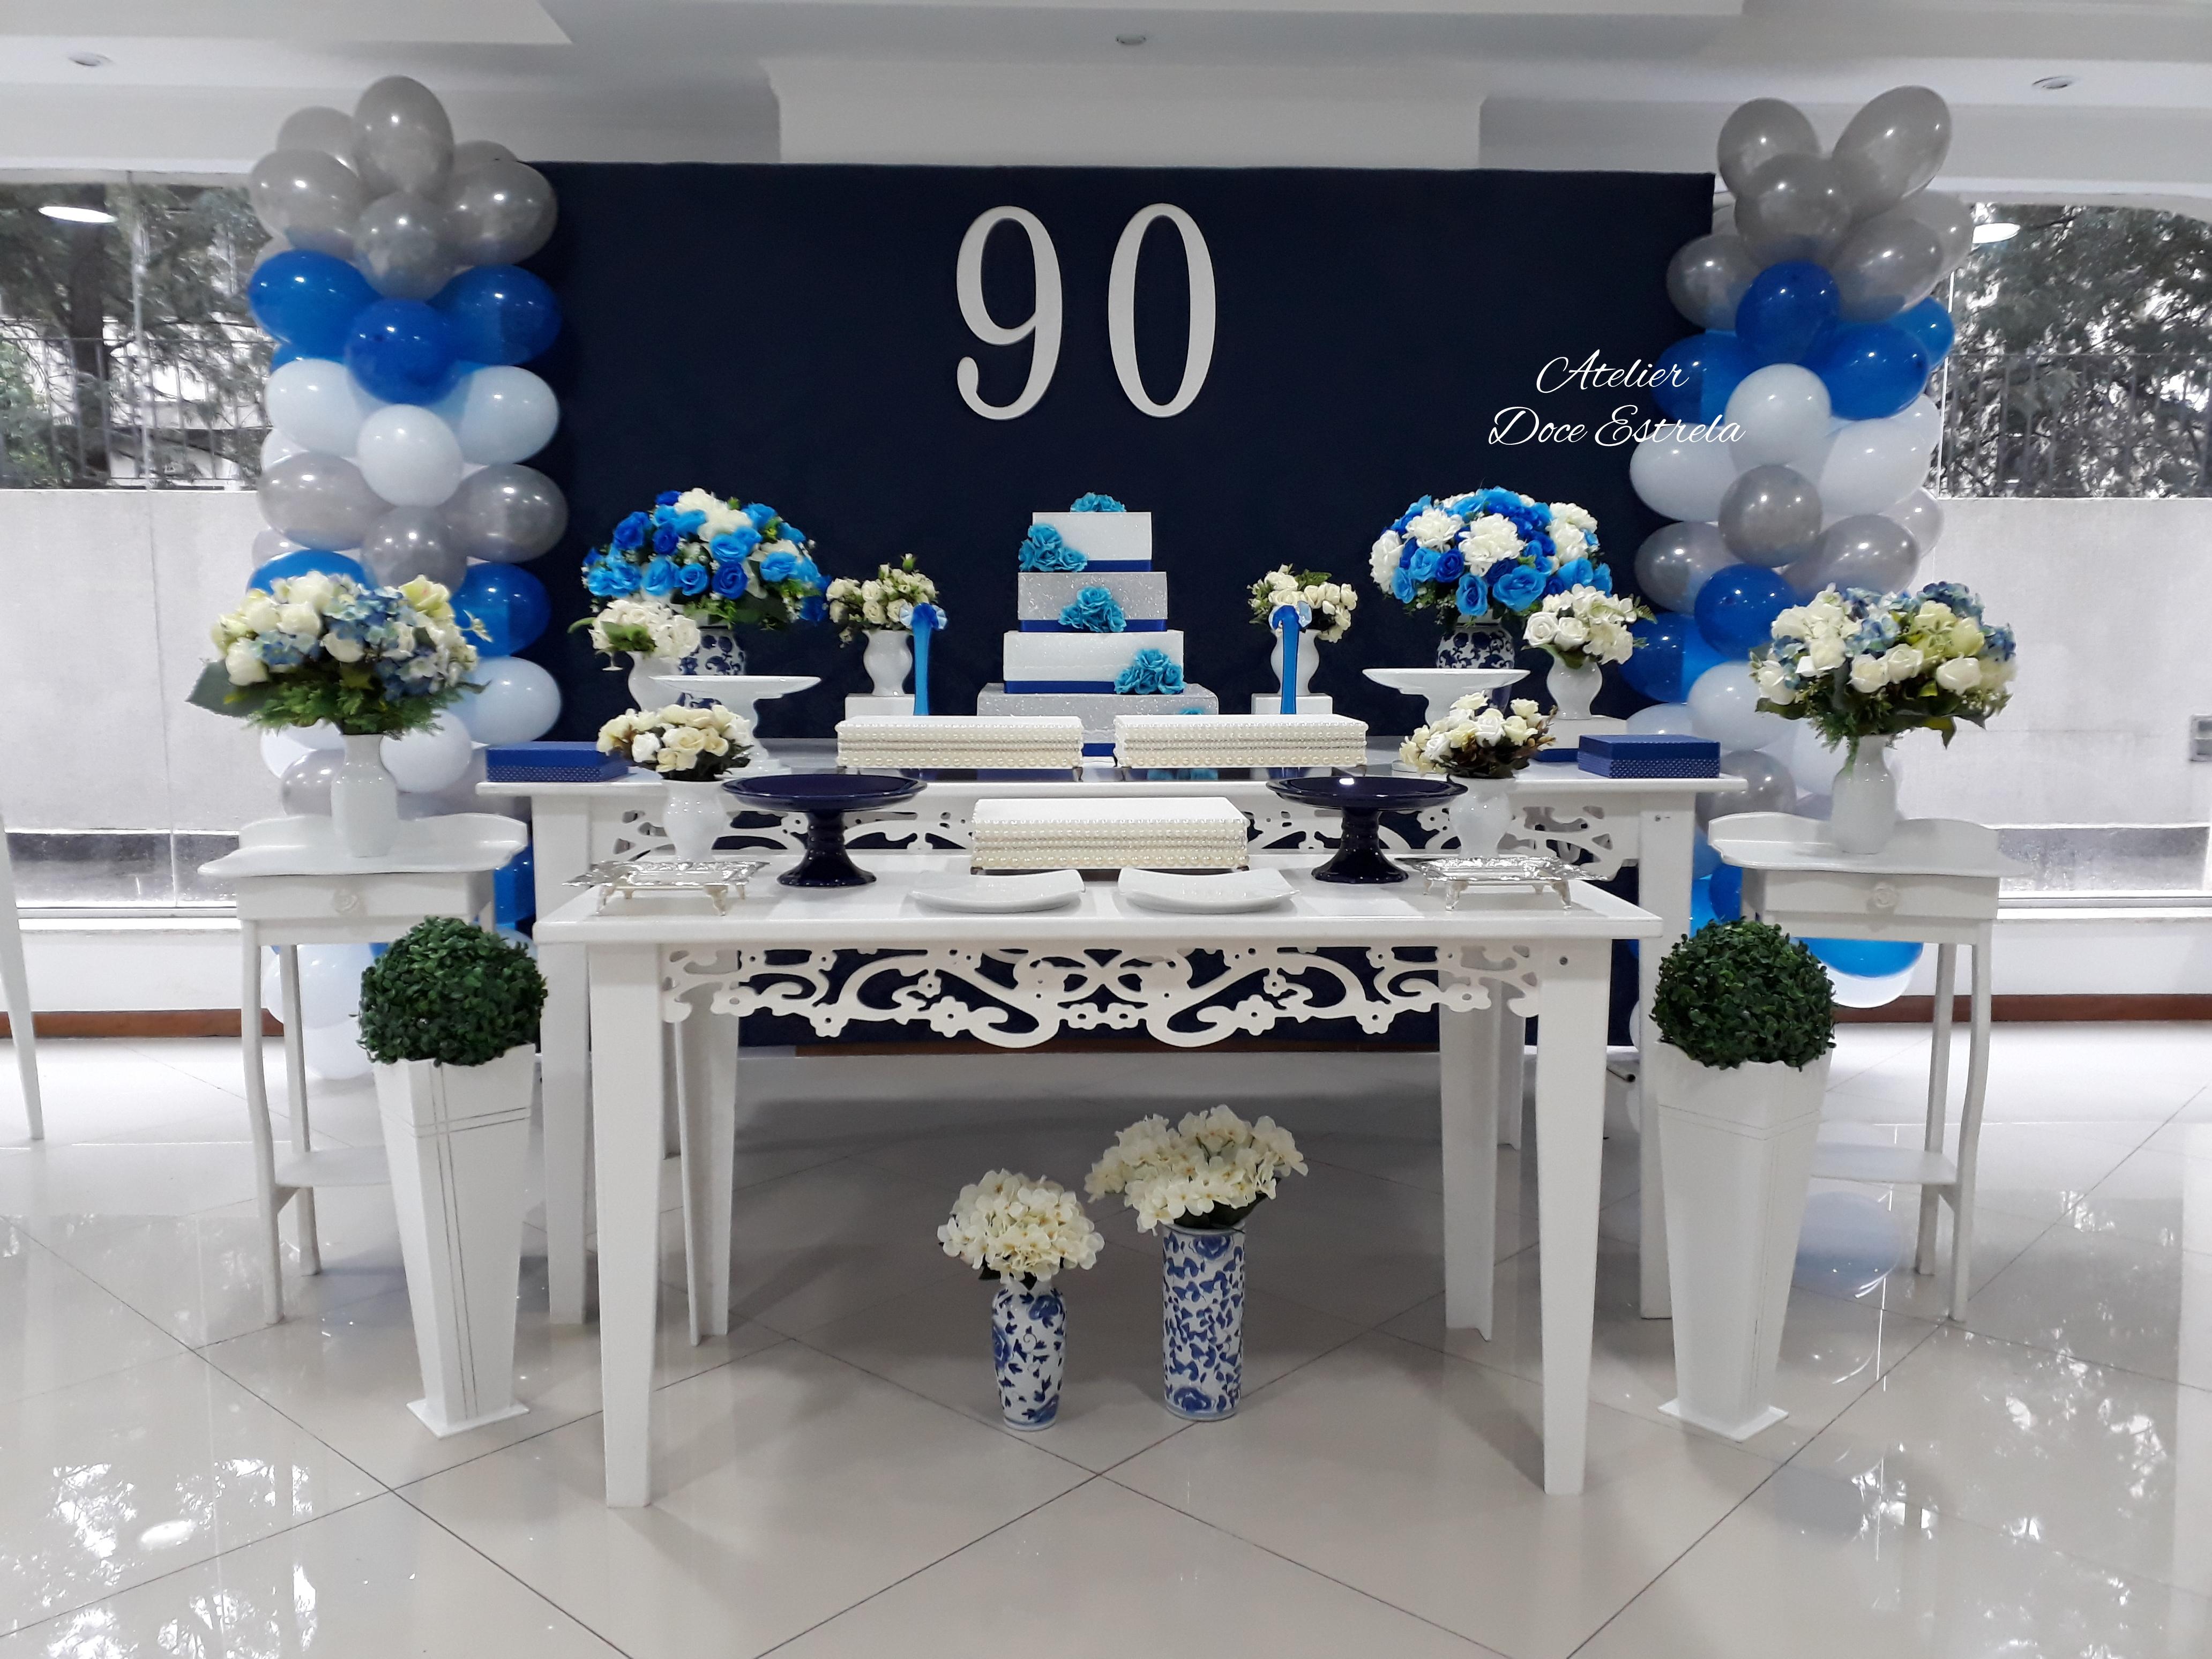 Decoração De 90 Anos Azul Marinho Com Branco No Elo7 Atelier Doce